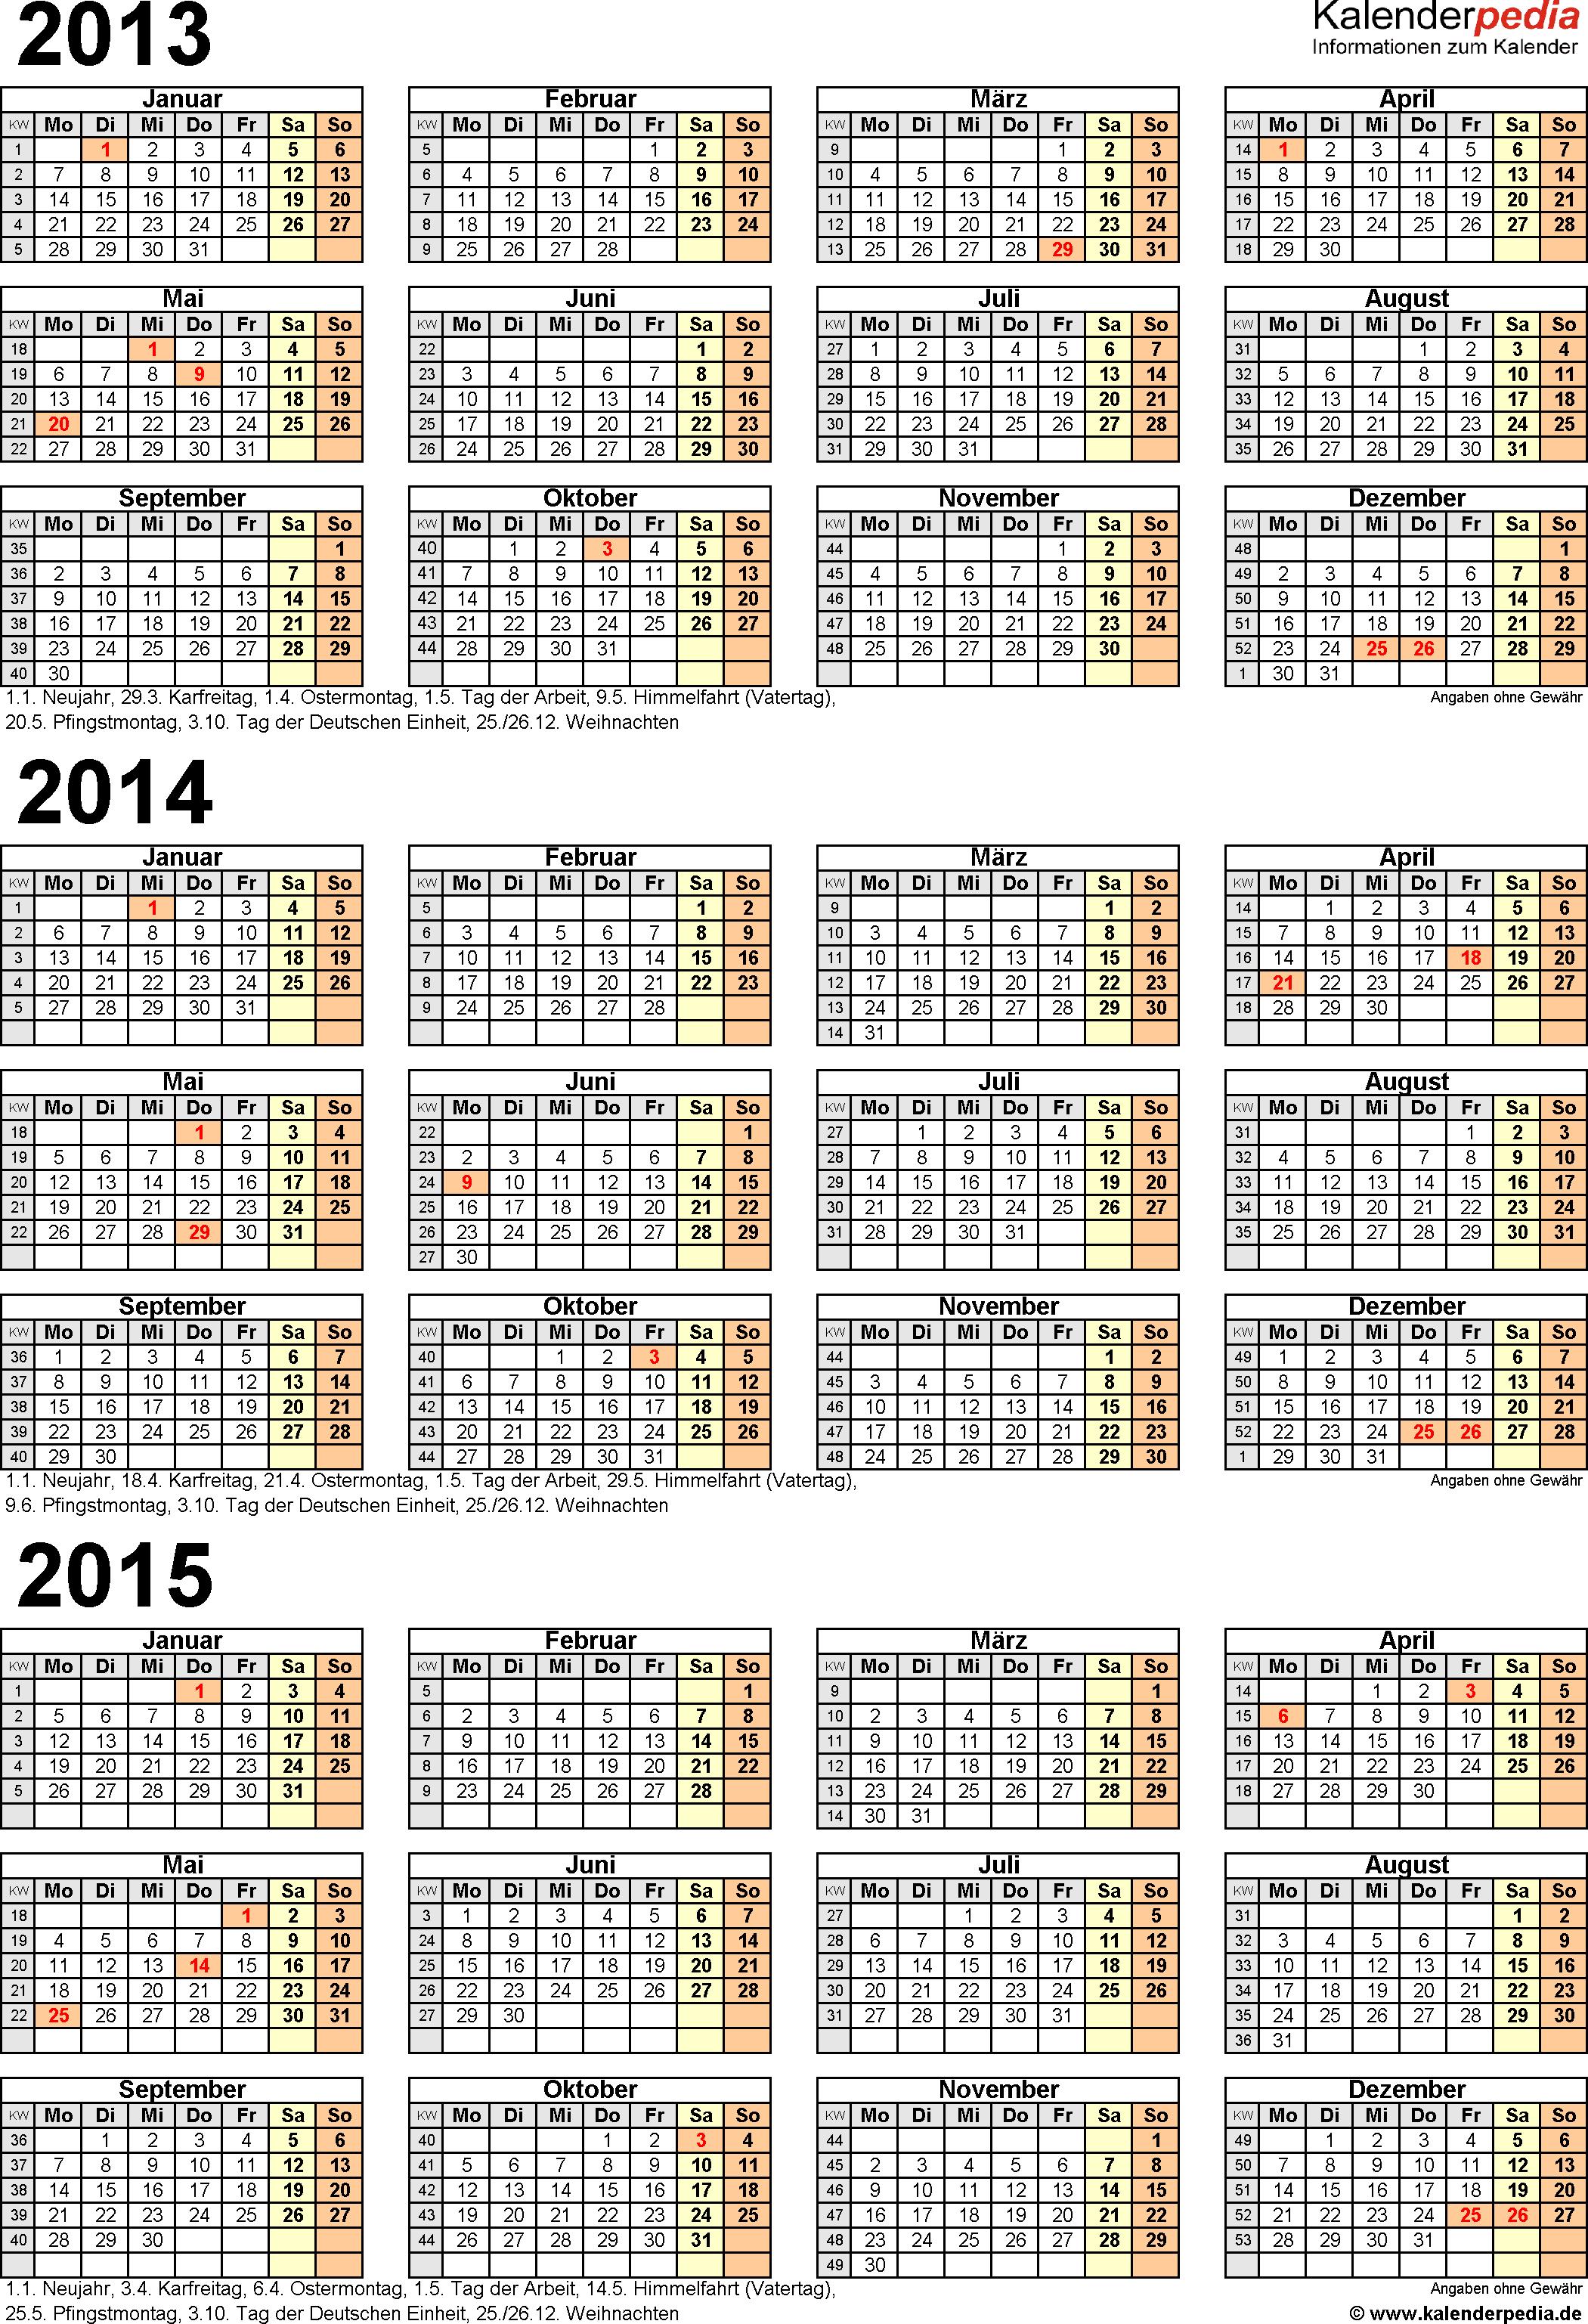 Excel-Vorlage für Dreijahreskalender 2013-2015 (Hochformat, 1 Seite)